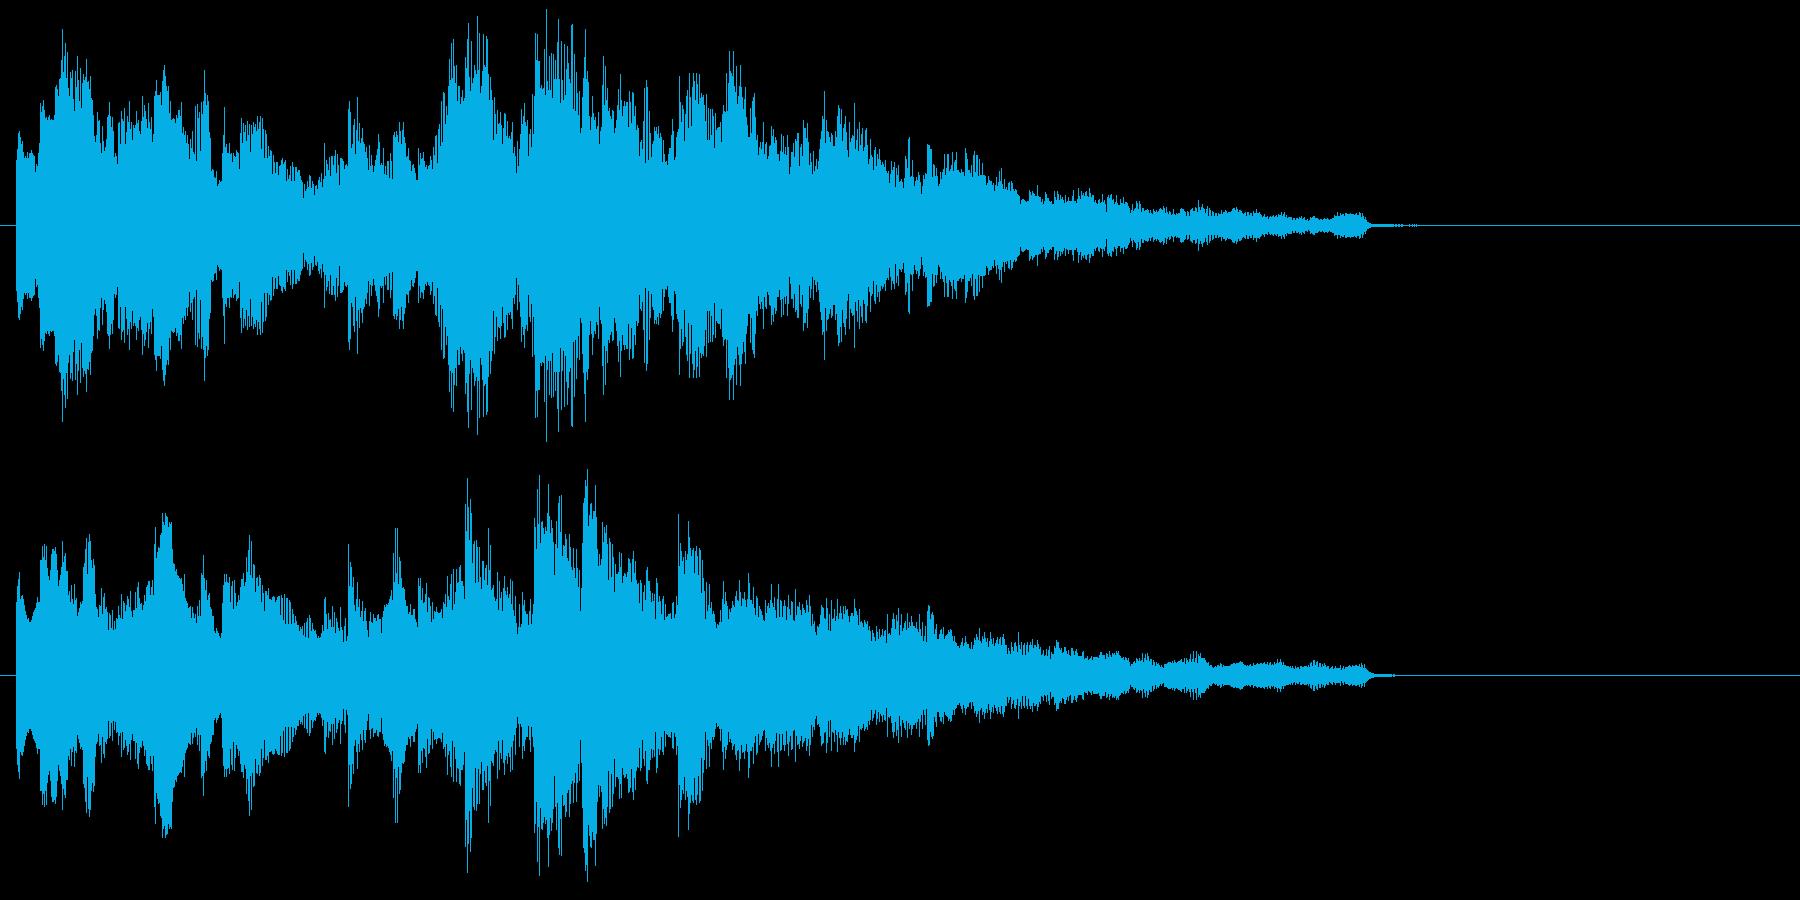 心を癒すリラクゼーションミュージックの再生済みの波形